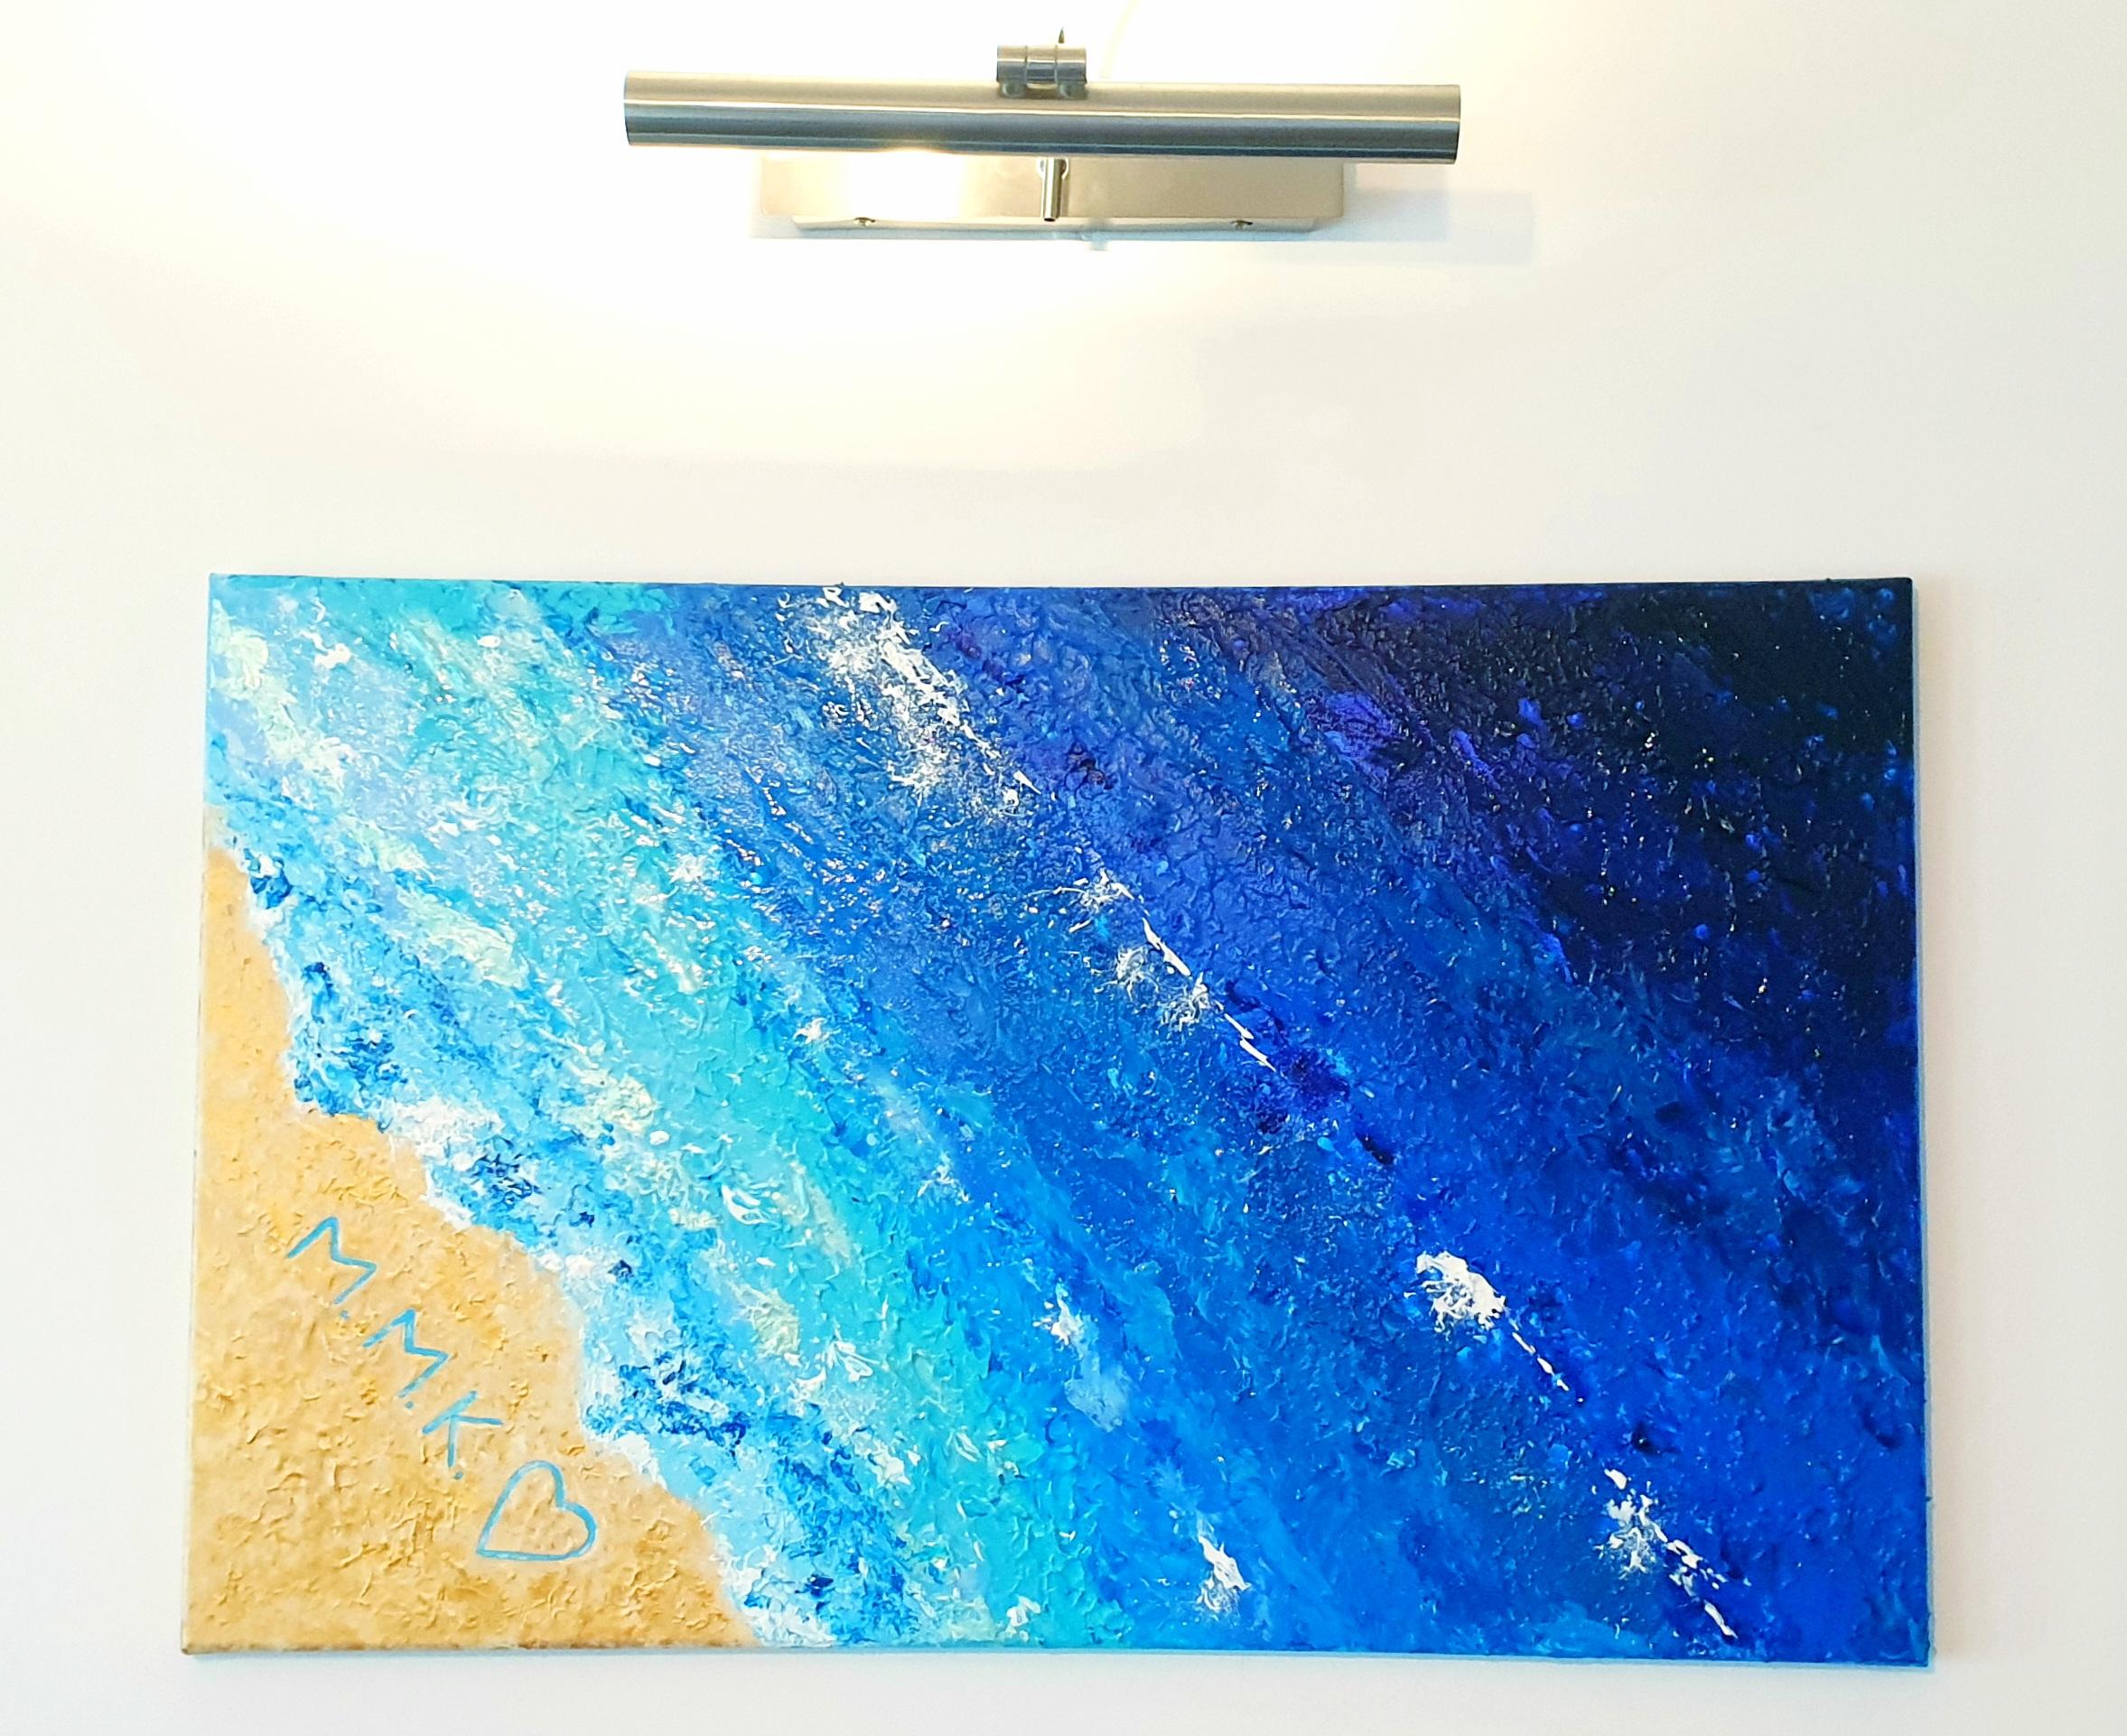 """Obraz akryl 100cm x 50cm pt. """"Nadmorskie wybrzeże II"""" (202"""